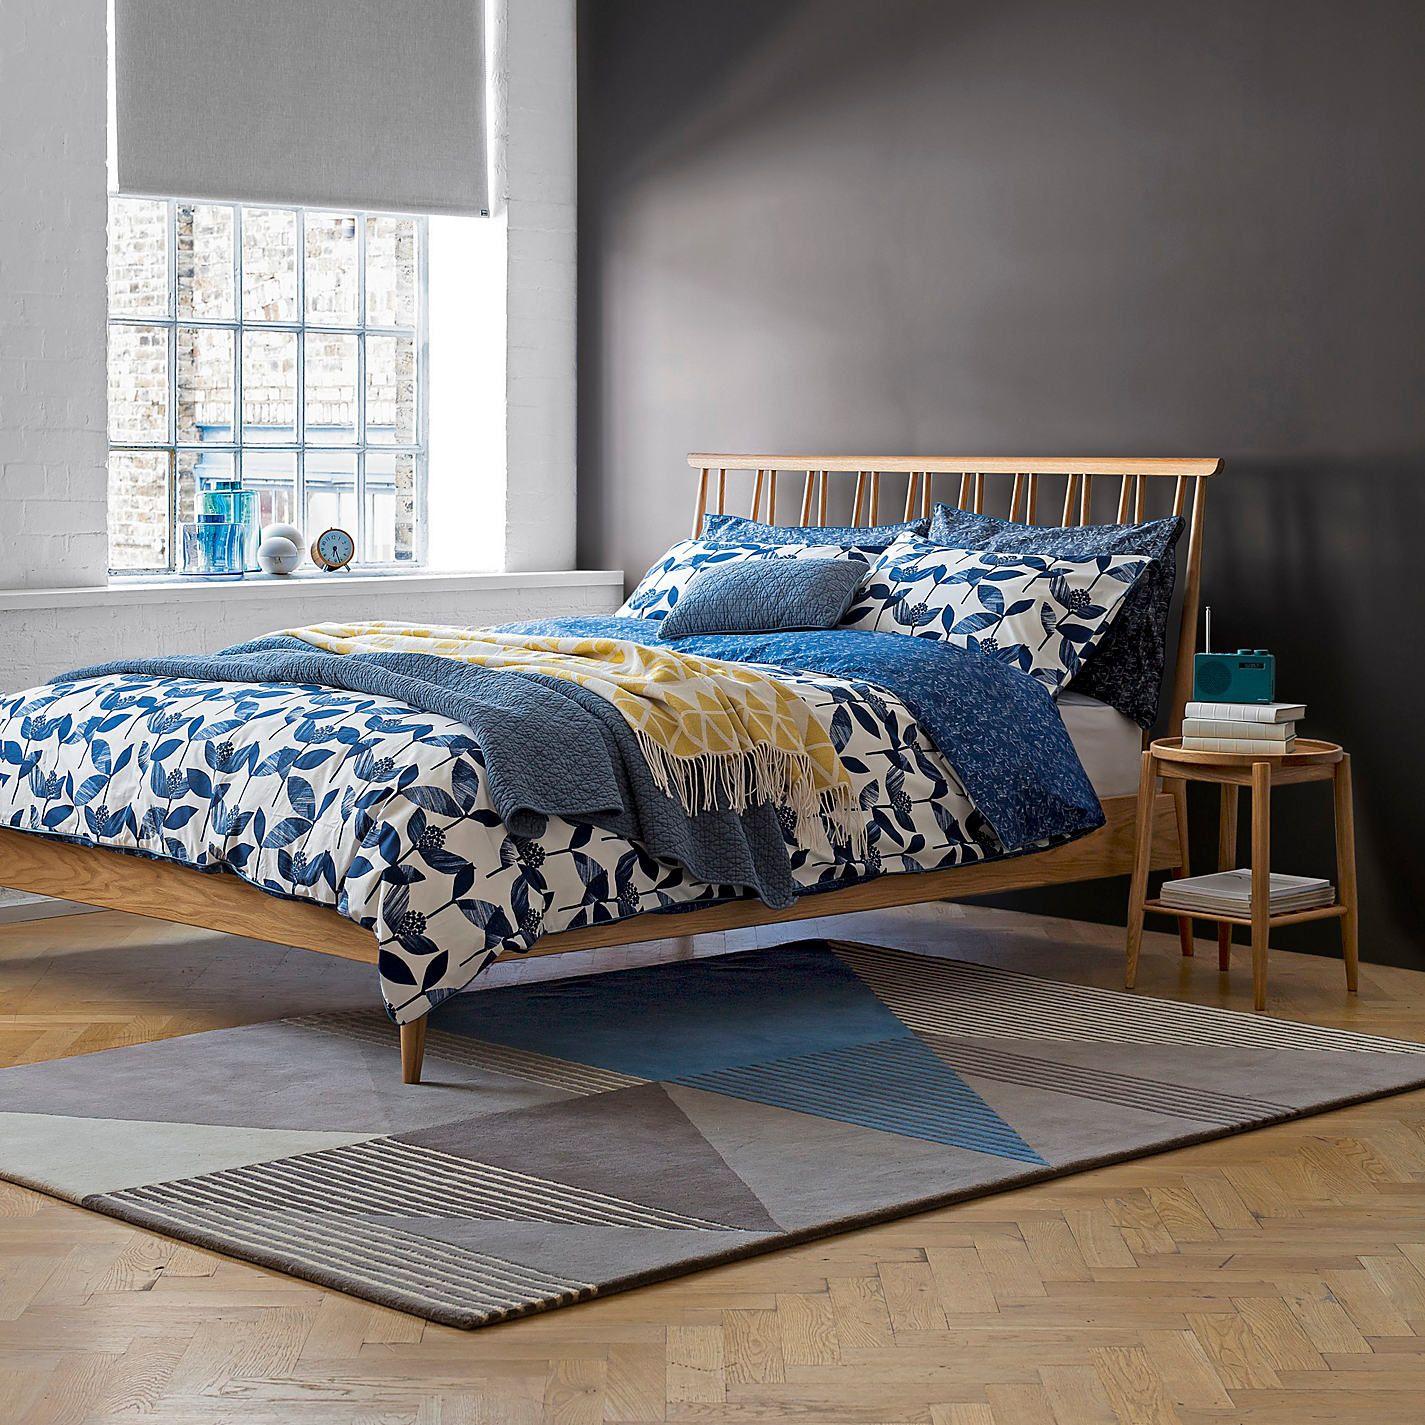 Image result for shalstone bed frame Bed frame, Birch